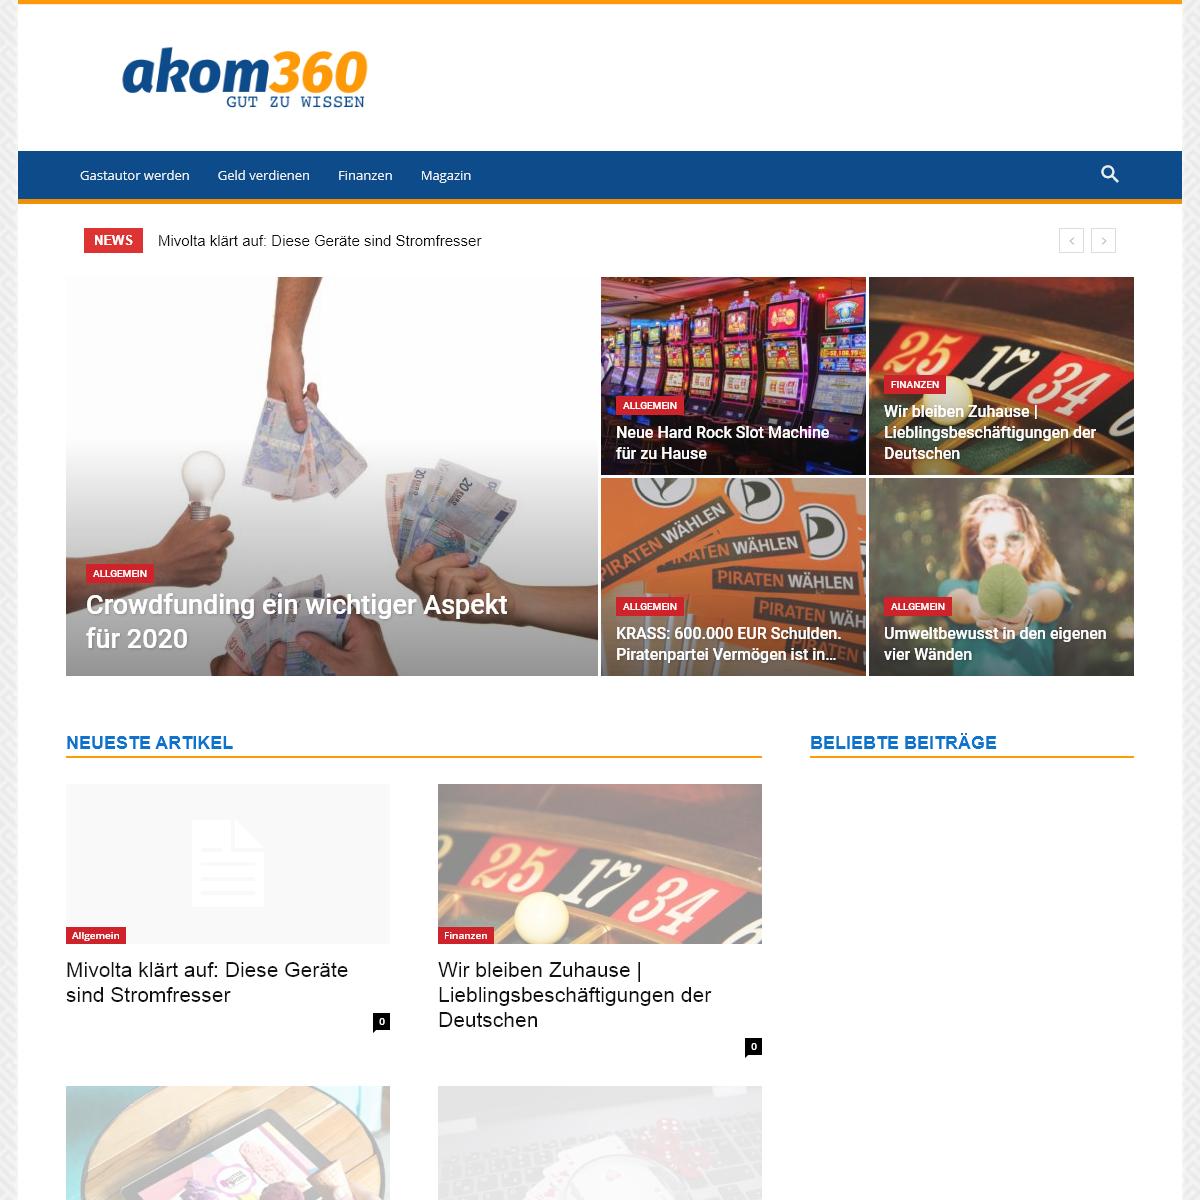 Startseite - Akom360 - gut zu wissen!